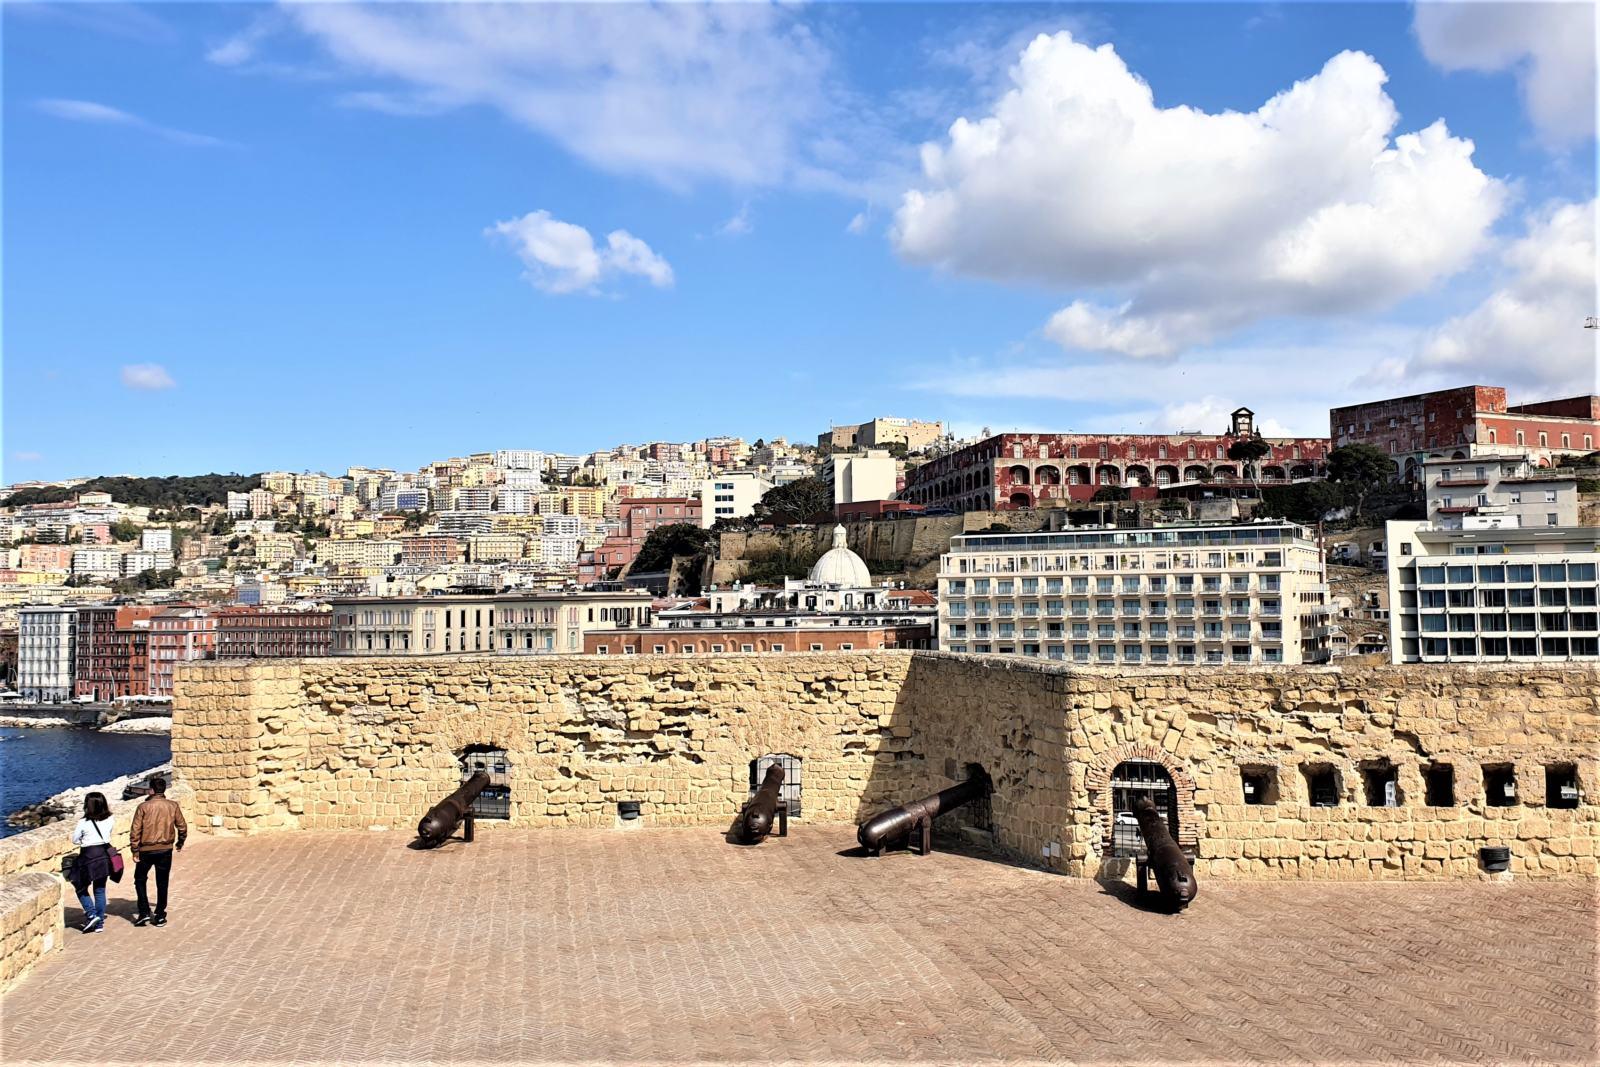 Vista dal giro di ronda di Castel dell'Ovo